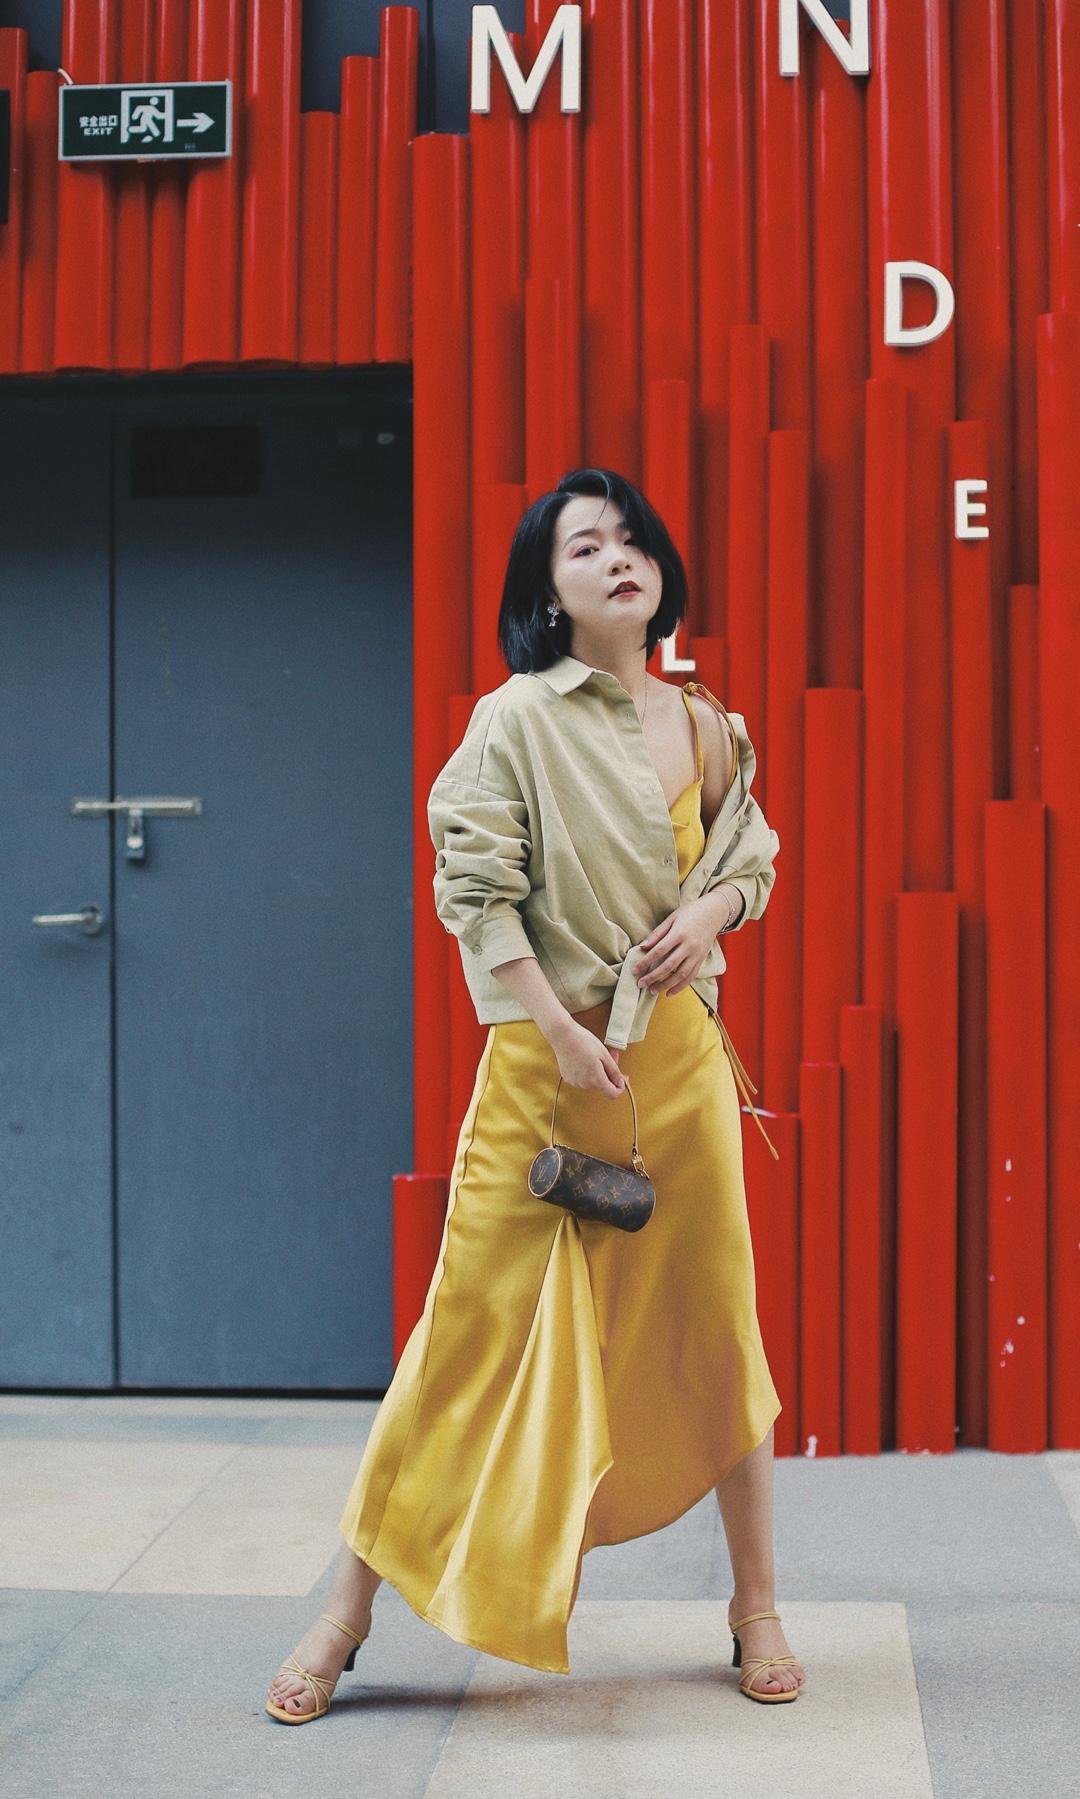 适合周五的一套搭配~ 脱掉衬衫就能约会or蹦迪! 嘻嘻嘻 丝绸质感长裙,非常能勾勒身材~ #夏→秋,一件外套搞定!#